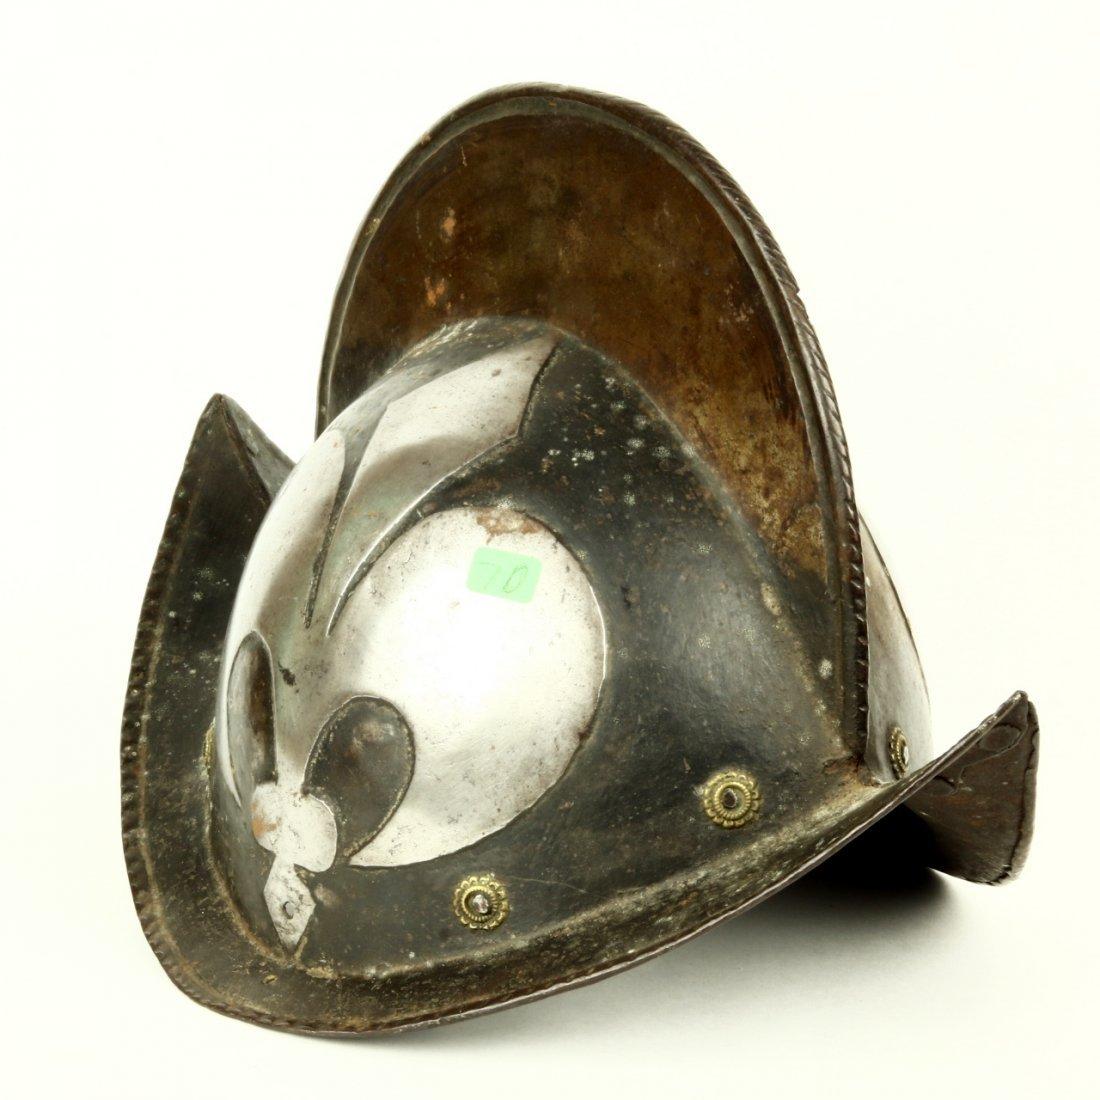 Antique German Morion Helmet Fleur De Lis ca 1600 - 3